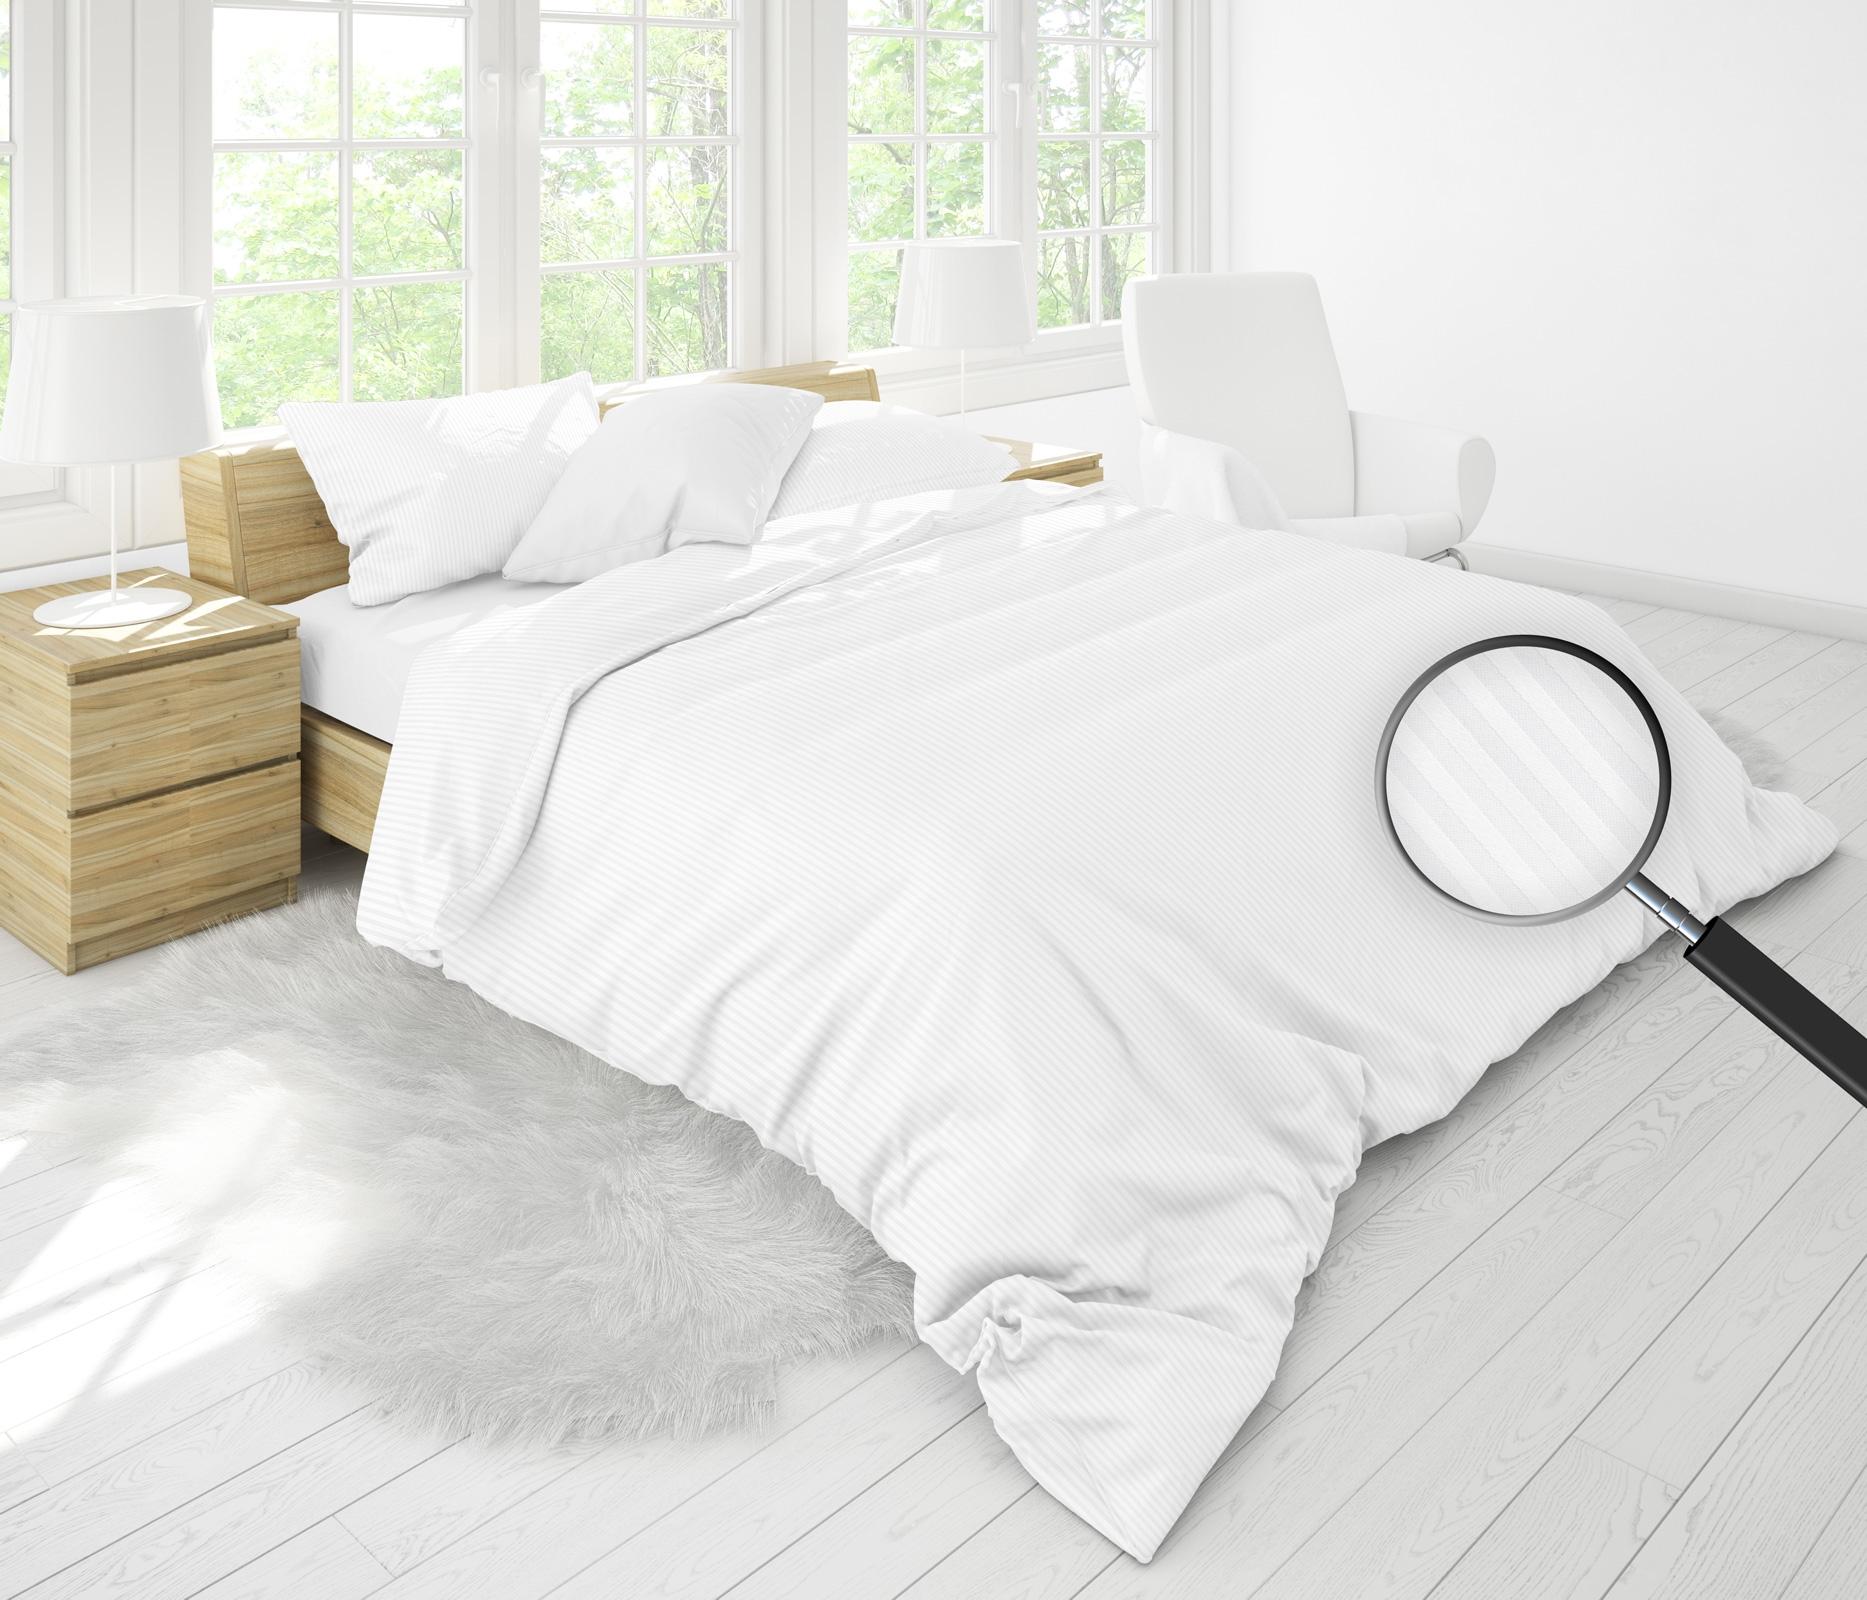 Bettwäsche - MOON Luxury Damast Bettwäsche 3mm Streifen weiß 135x200 80x80 100 Baumwolle YKK Reißverschluss  - Onlineshop PremiumShop321